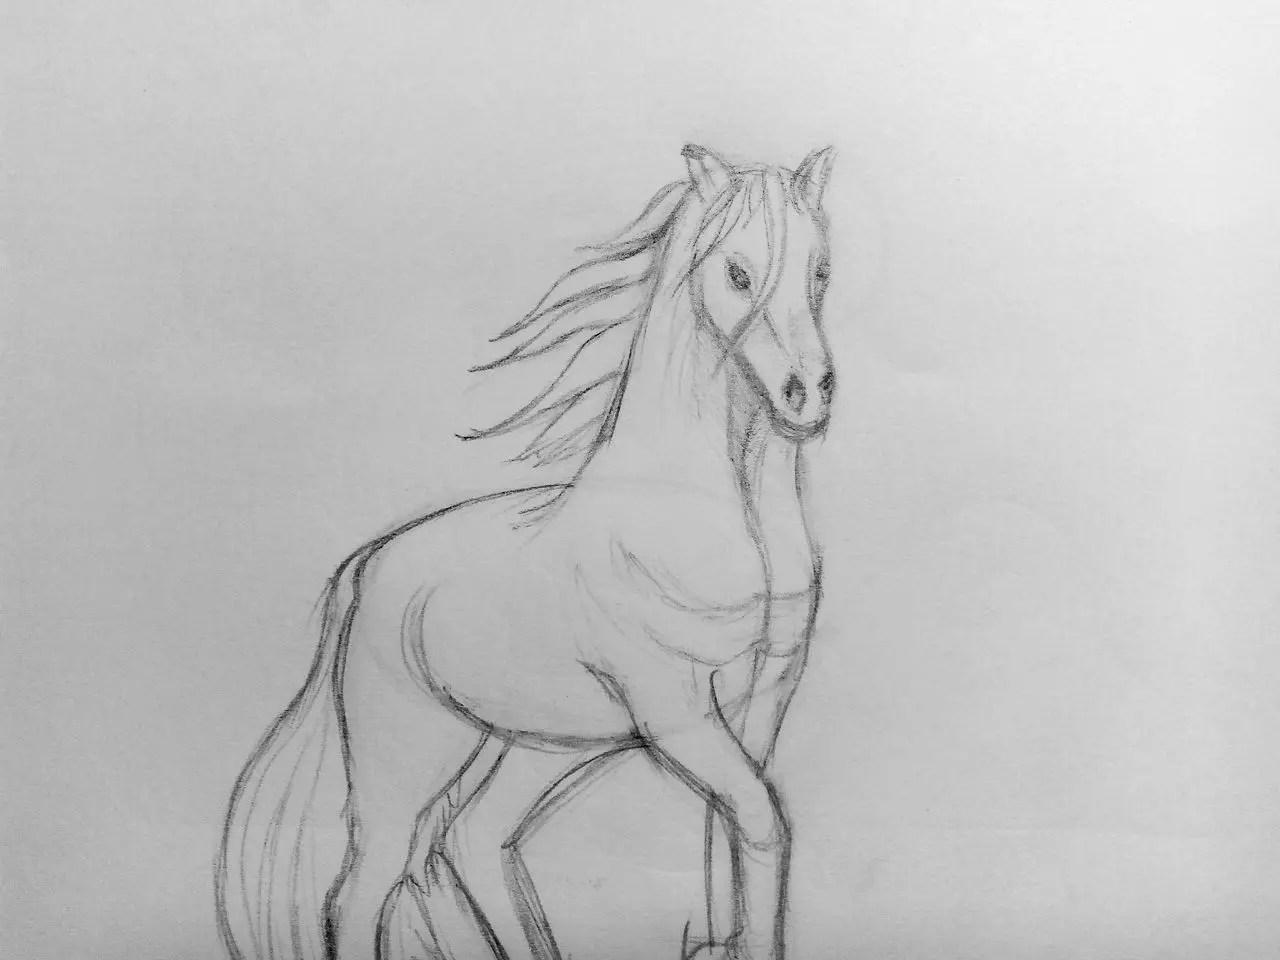 Как нарисовать лошадь карандашом? Поэтапный урок. Шаг 13. Портреты карандашом - Fenlin.ru